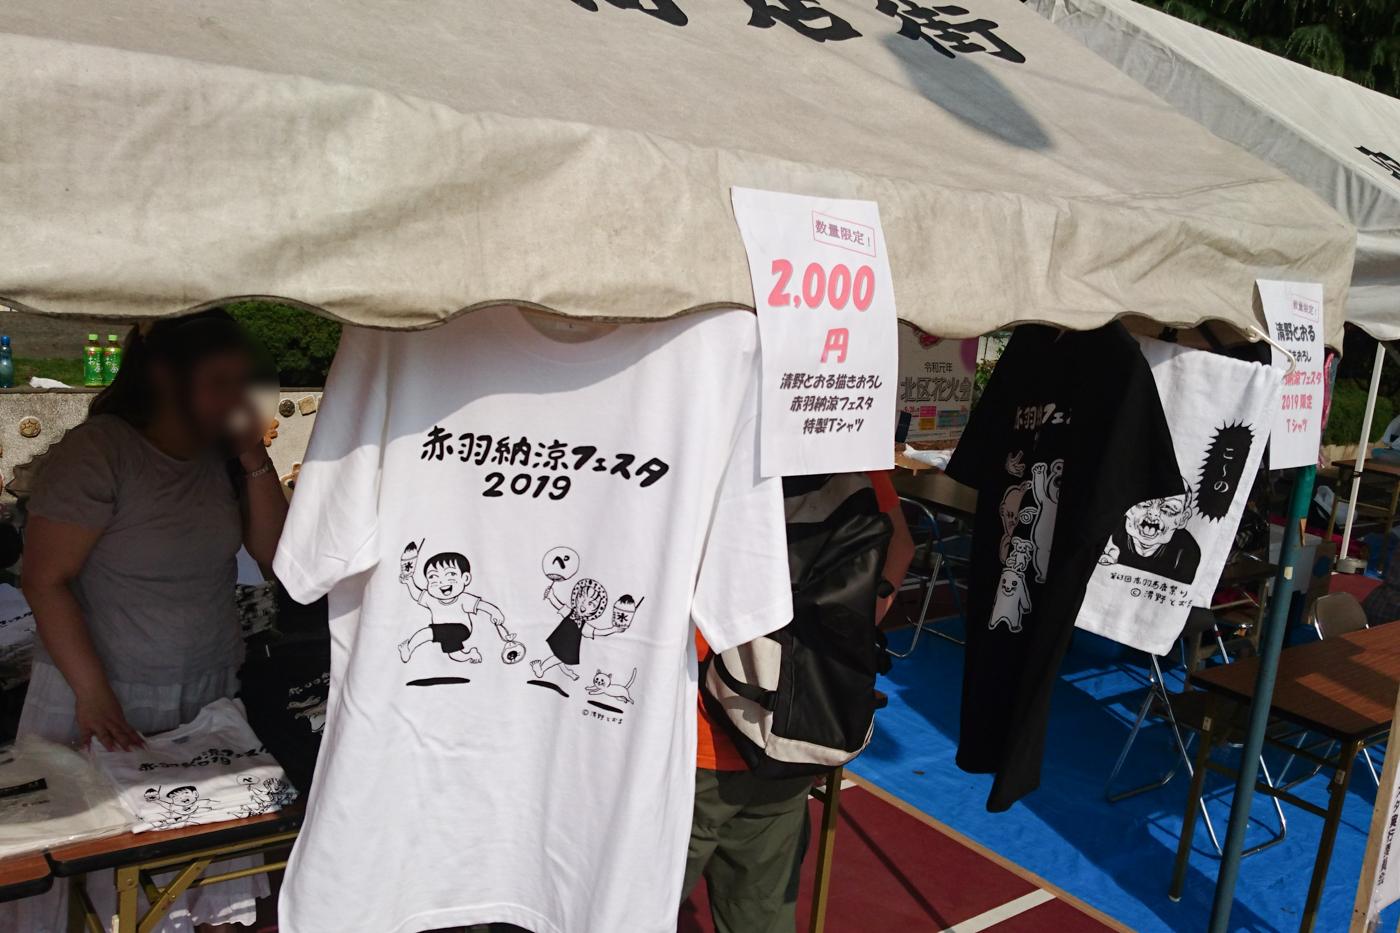 赤羽納涼フェスタ2019で清野とおる先生デザインTシャツを買ってきたっ!